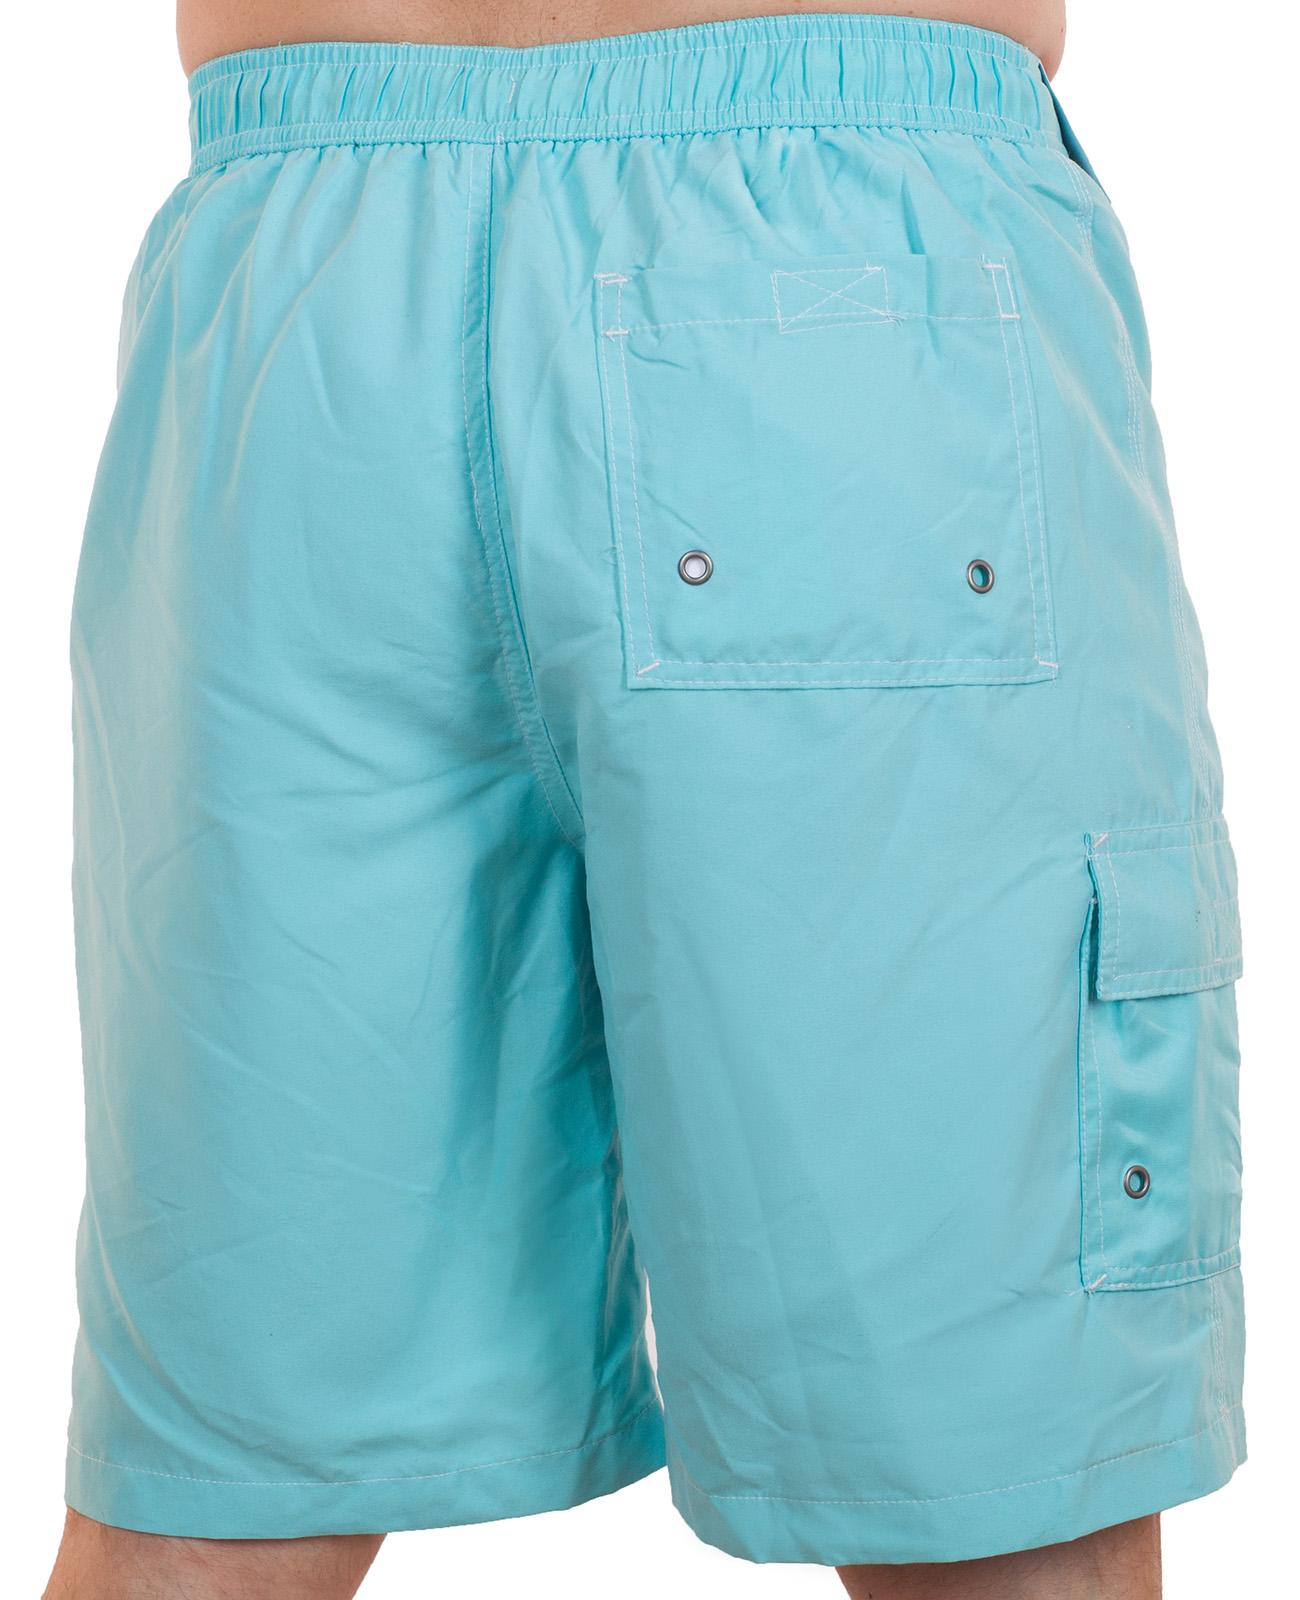 Светло-бирюзовые летние шорты от Merona™ по выгодной цене